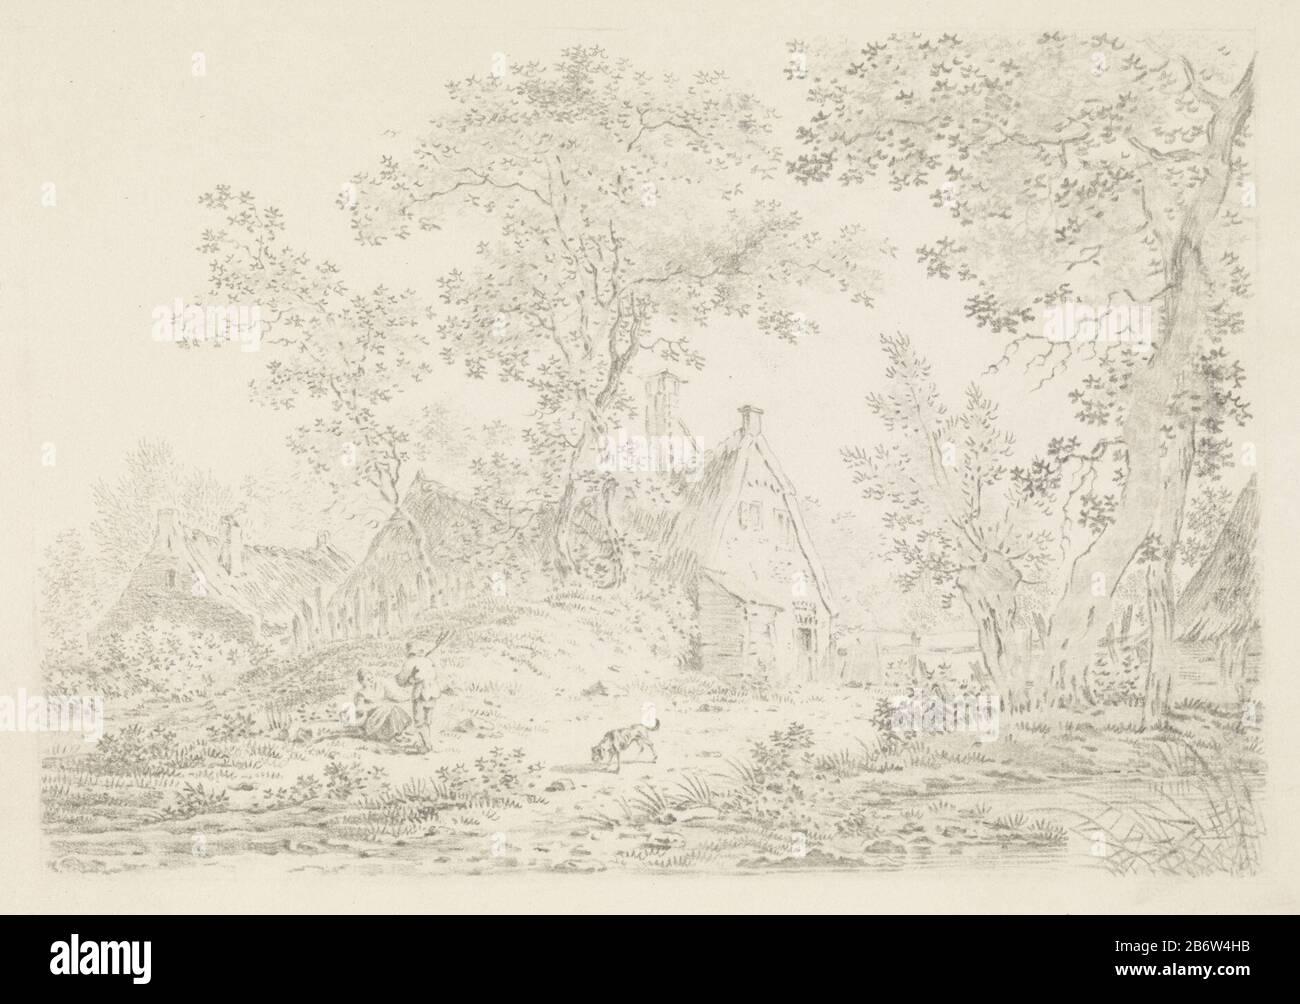 Huizen dans le Het bos Les maisons sont cachées parmi les arbres. Au premier plan se trouve une femme au sol. Avant elle se tient un homme avec une fourche sur son épaule. Au milieu, il y a un fond. Fabricant : machine à imprimer: Pieter Bartholomeusz. Barbier Lieu de fabrication: Haarlem Date: 1809 - 1837 Caractéristiques physiques: Lithographie matériau: Technique du papier: Lithographie (technique) Dimensions: Feuille: H 250 mm × W 350 mm Objet: Paysages (+ paysage avec chiffres, étalage) instruments agricoles: Ferme de fourche (bâtiment) Banque D'Images